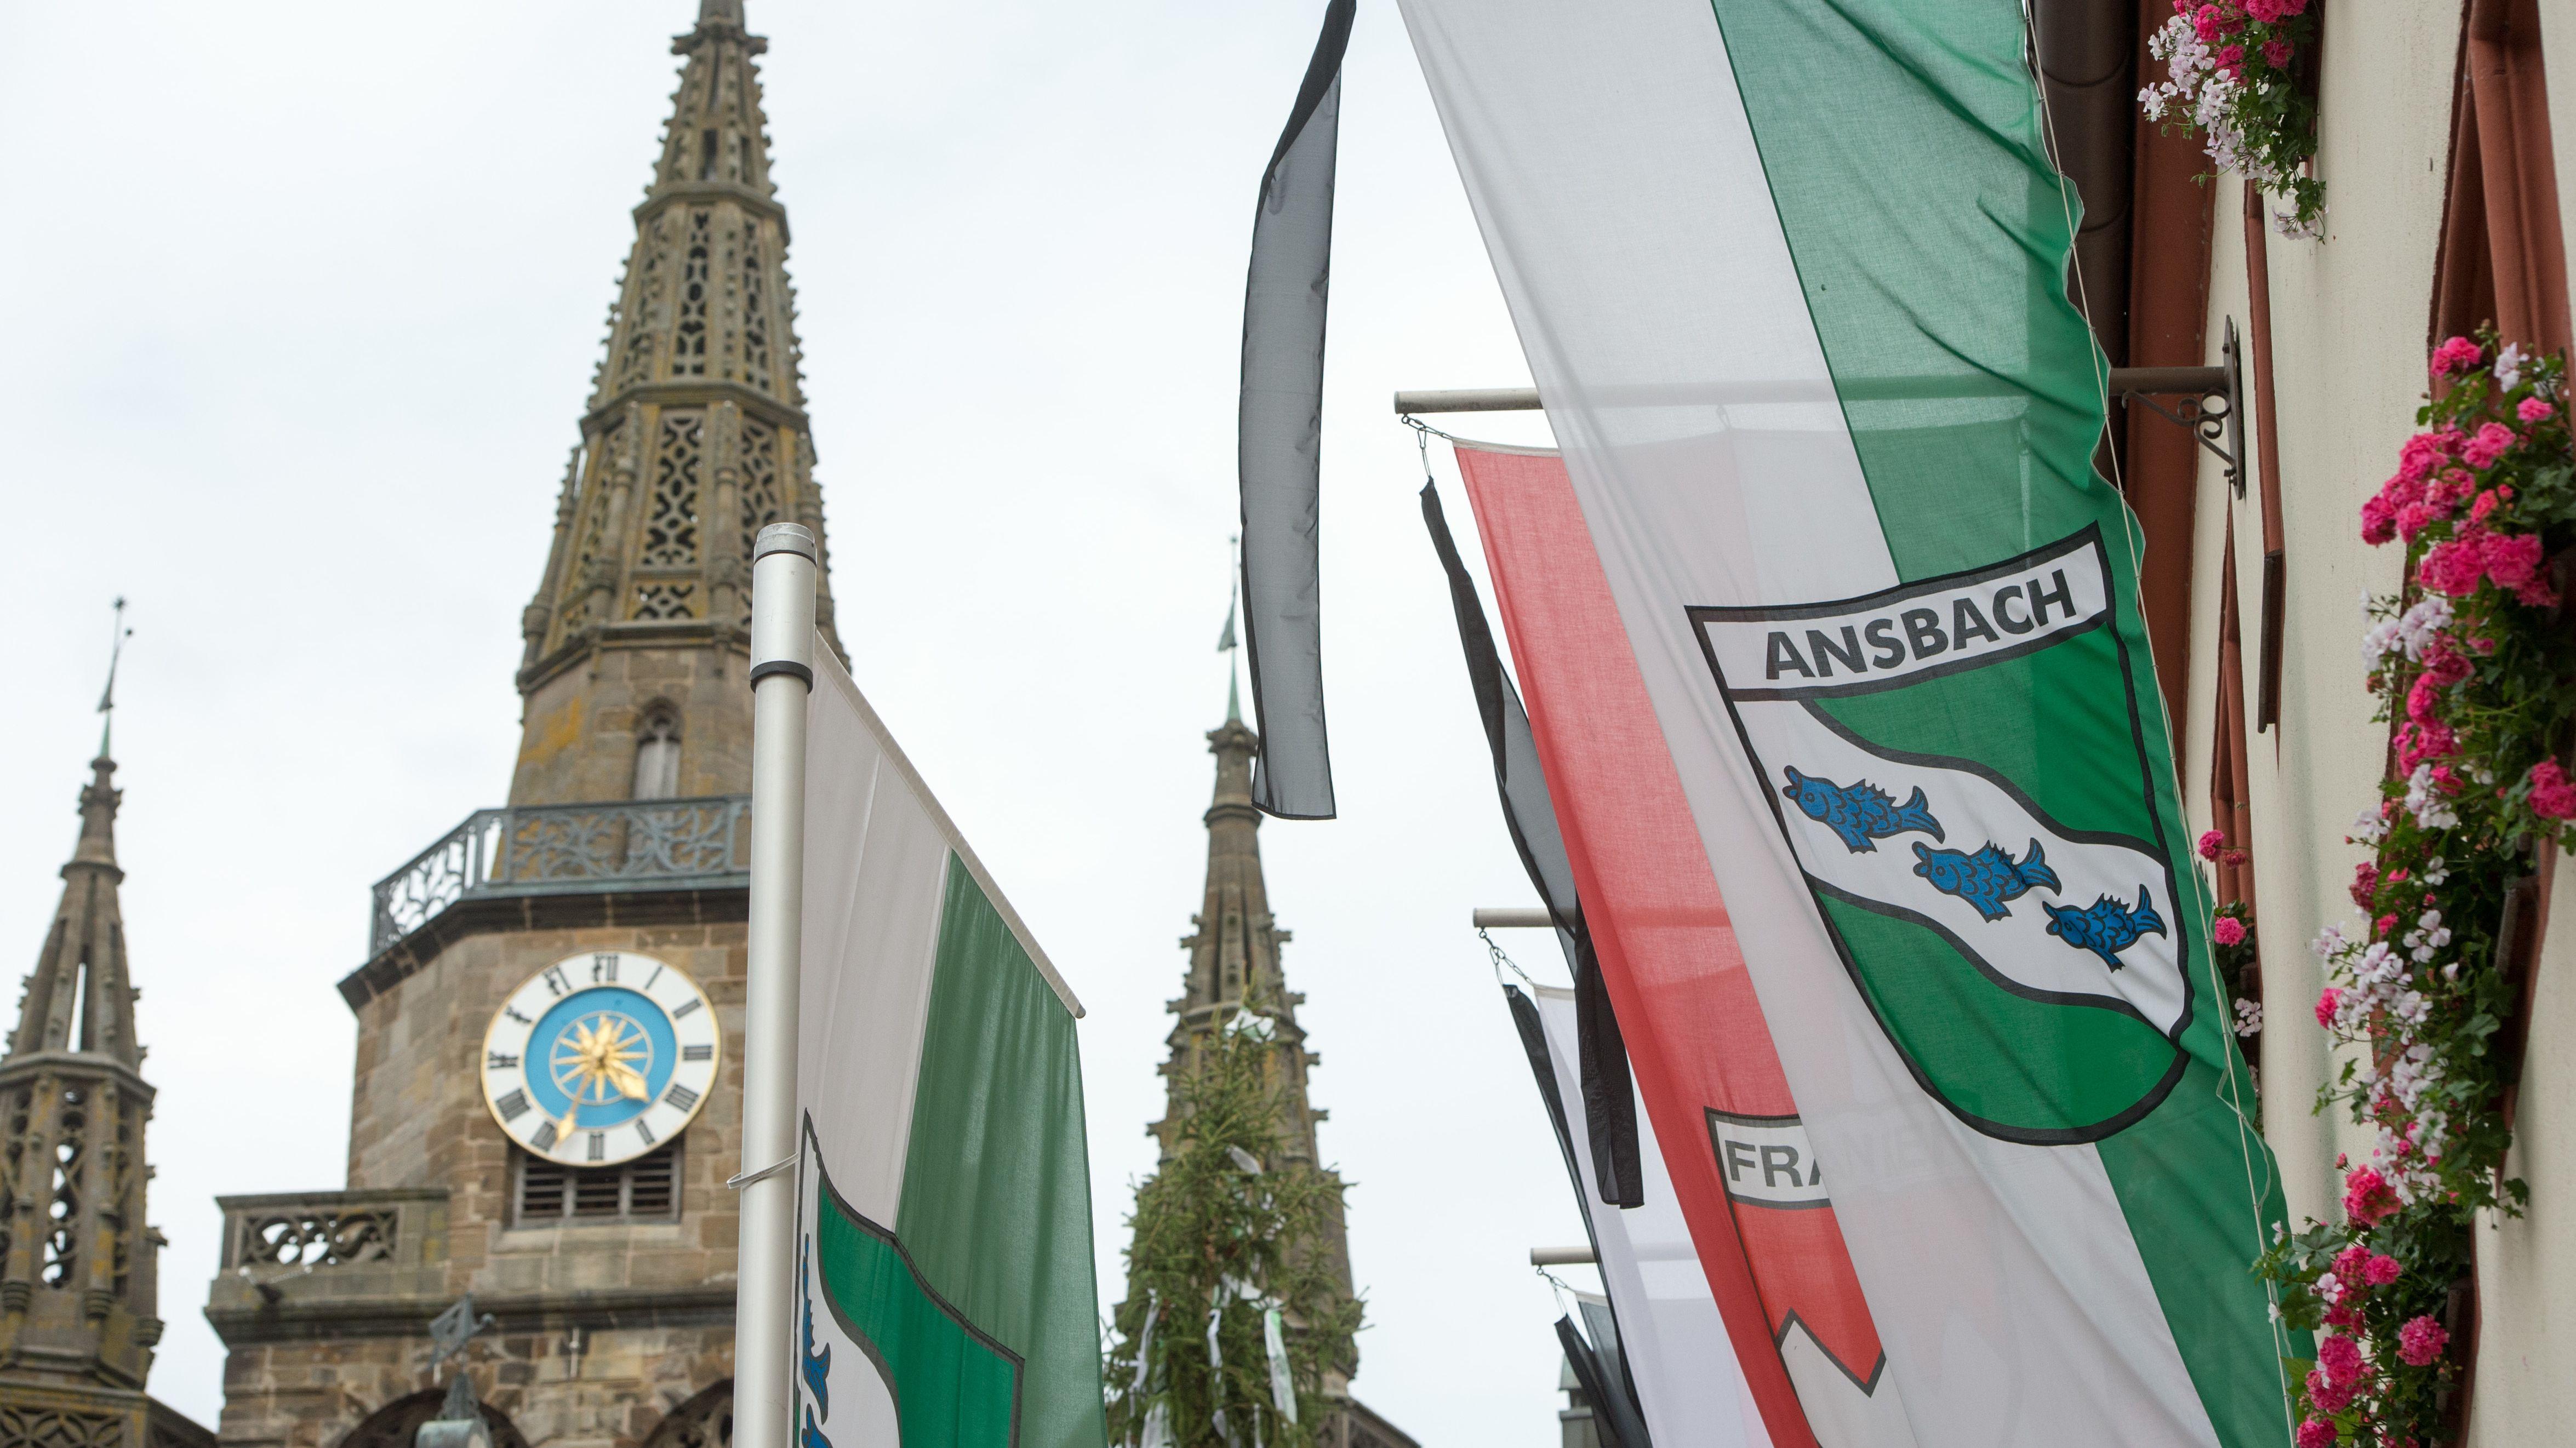 """Grün-weiße Fahne mit Aufschrift """"Ansbach"""" neben Kirchturm"""